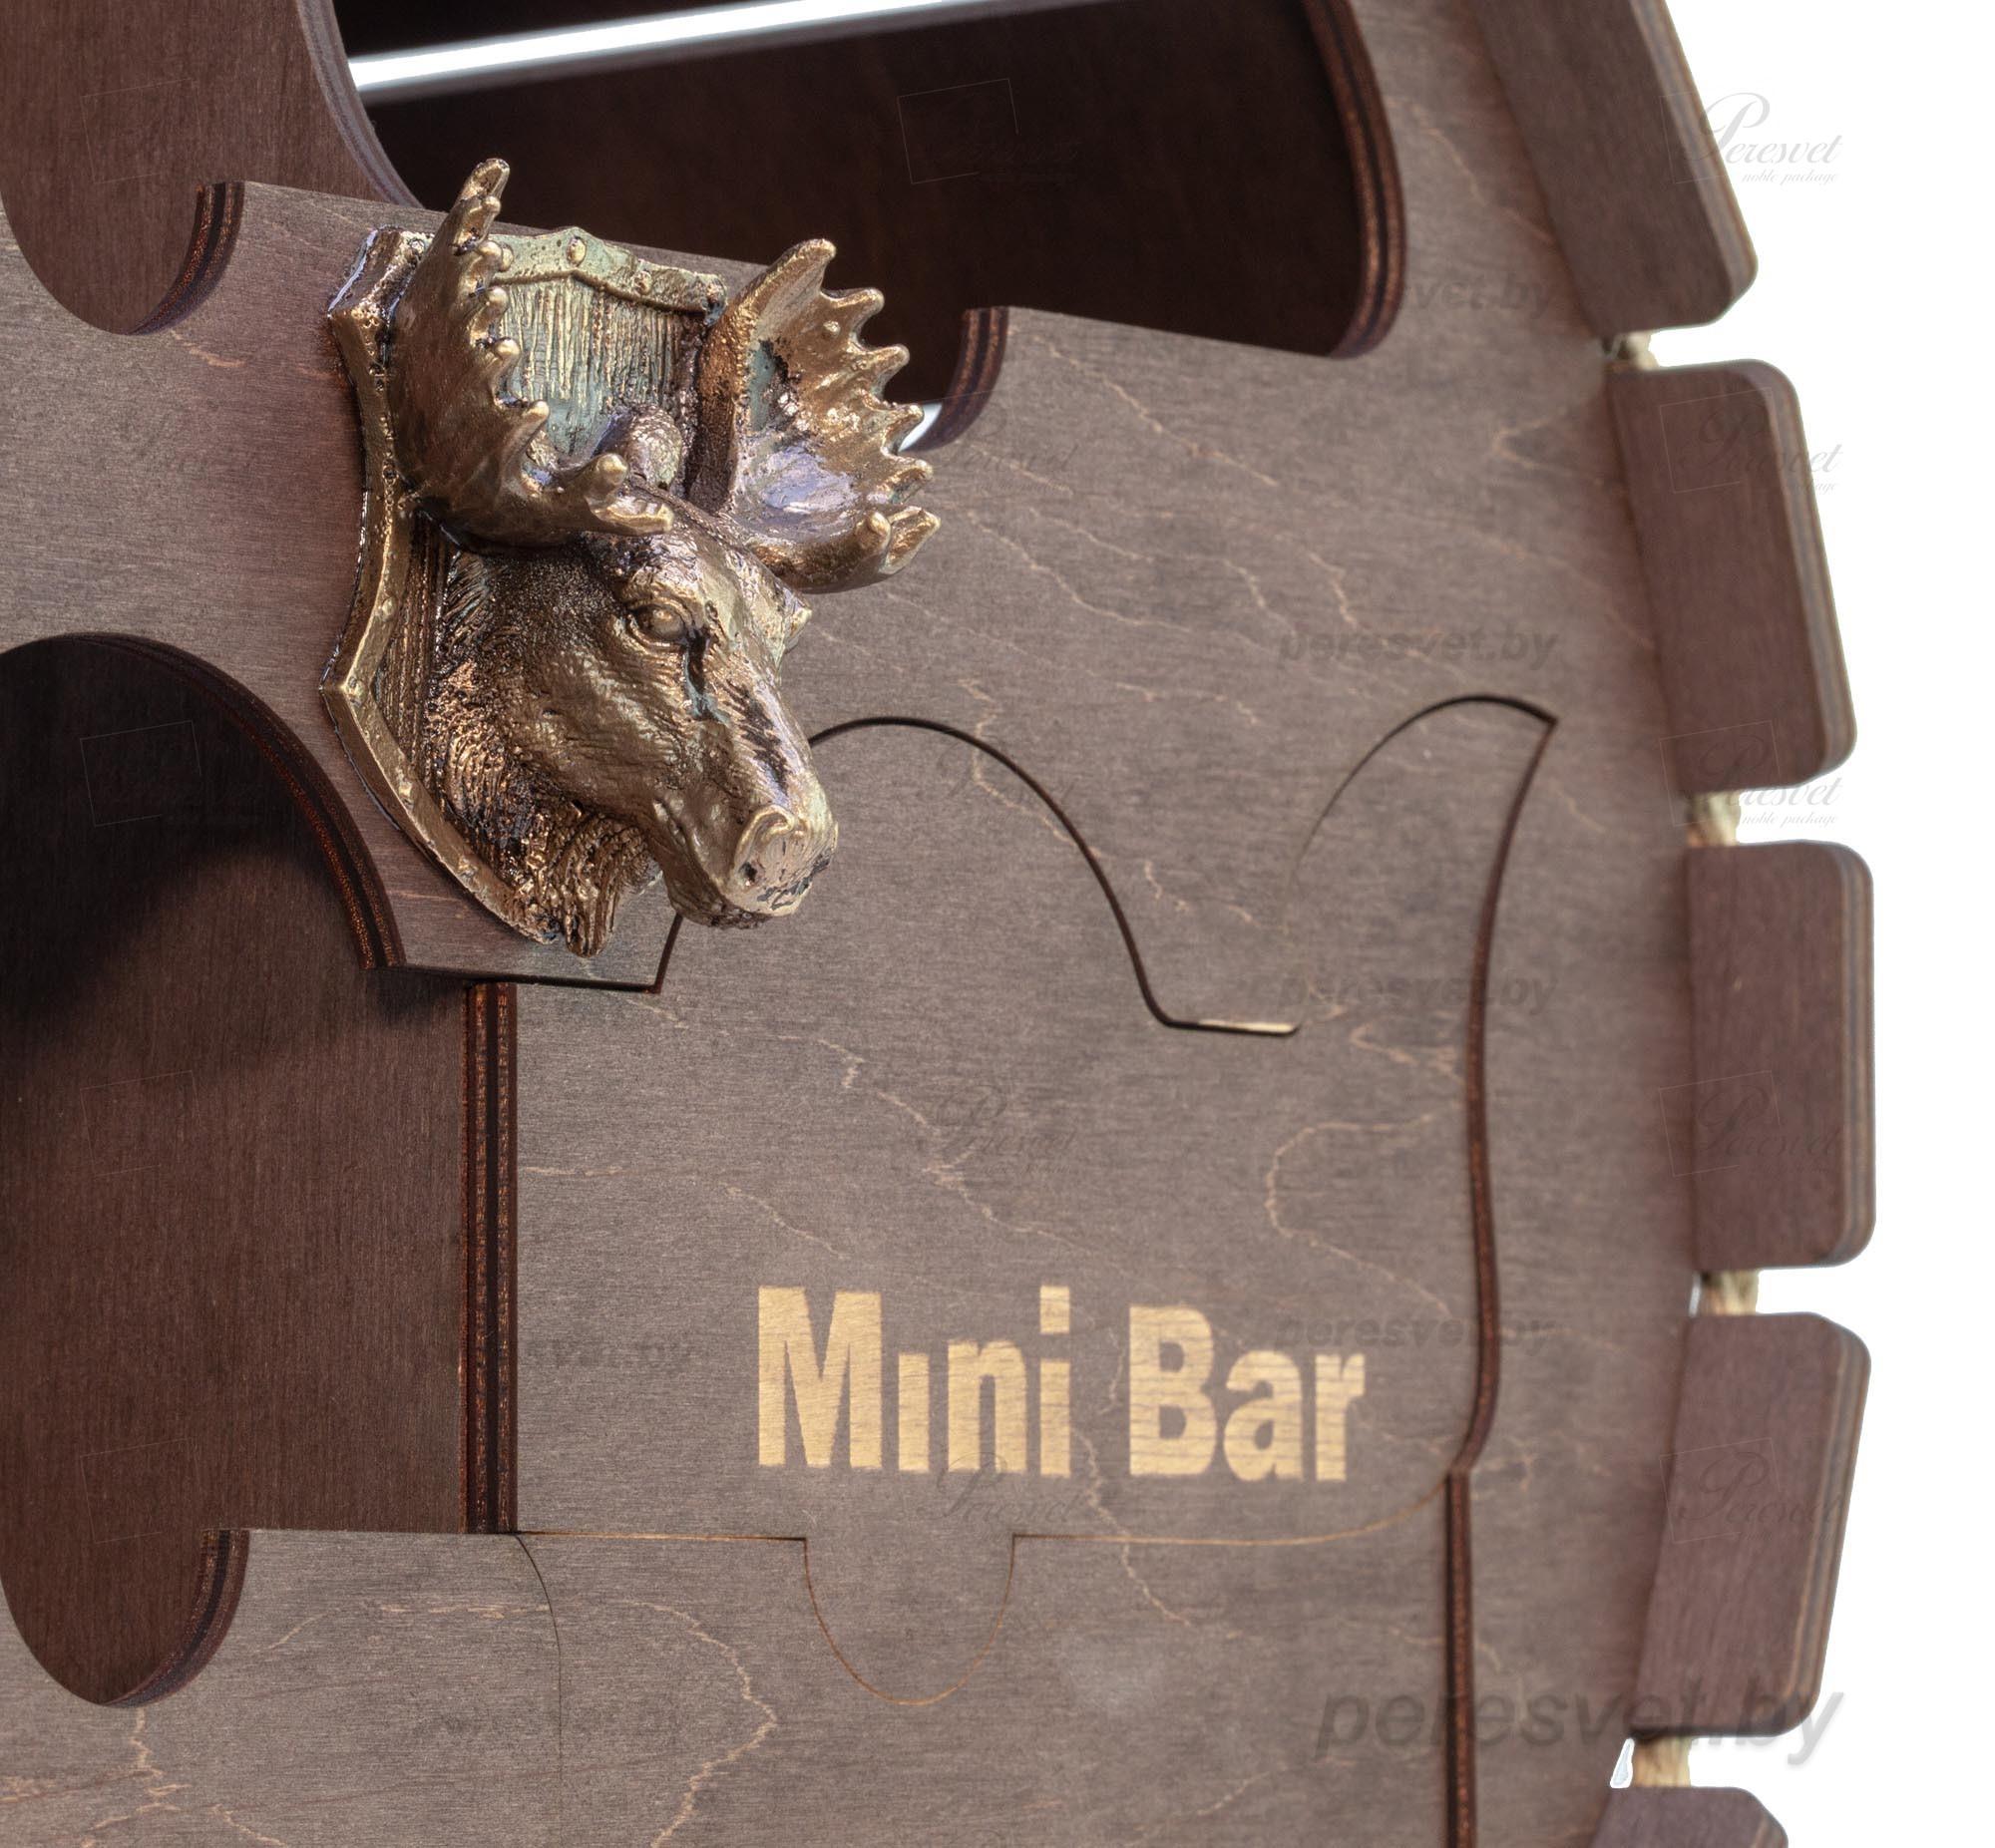 Мини бар бочка настольная шоколад золото с бронзовой головой на peresvet.by